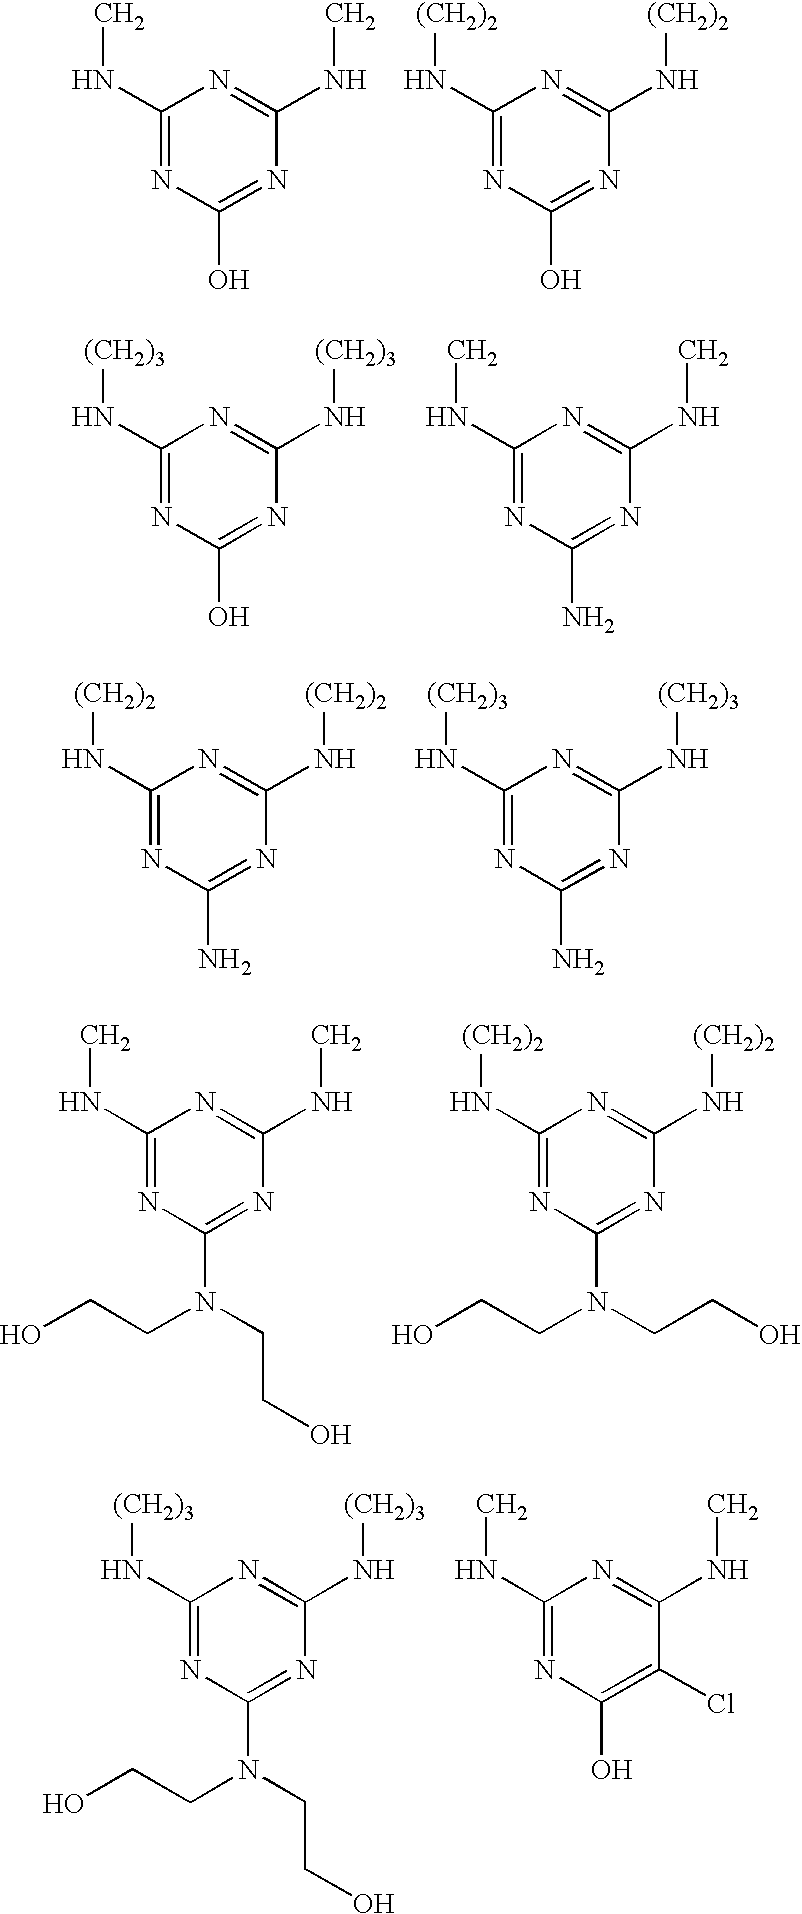 Figure US20050005371A1-20050113-C00006